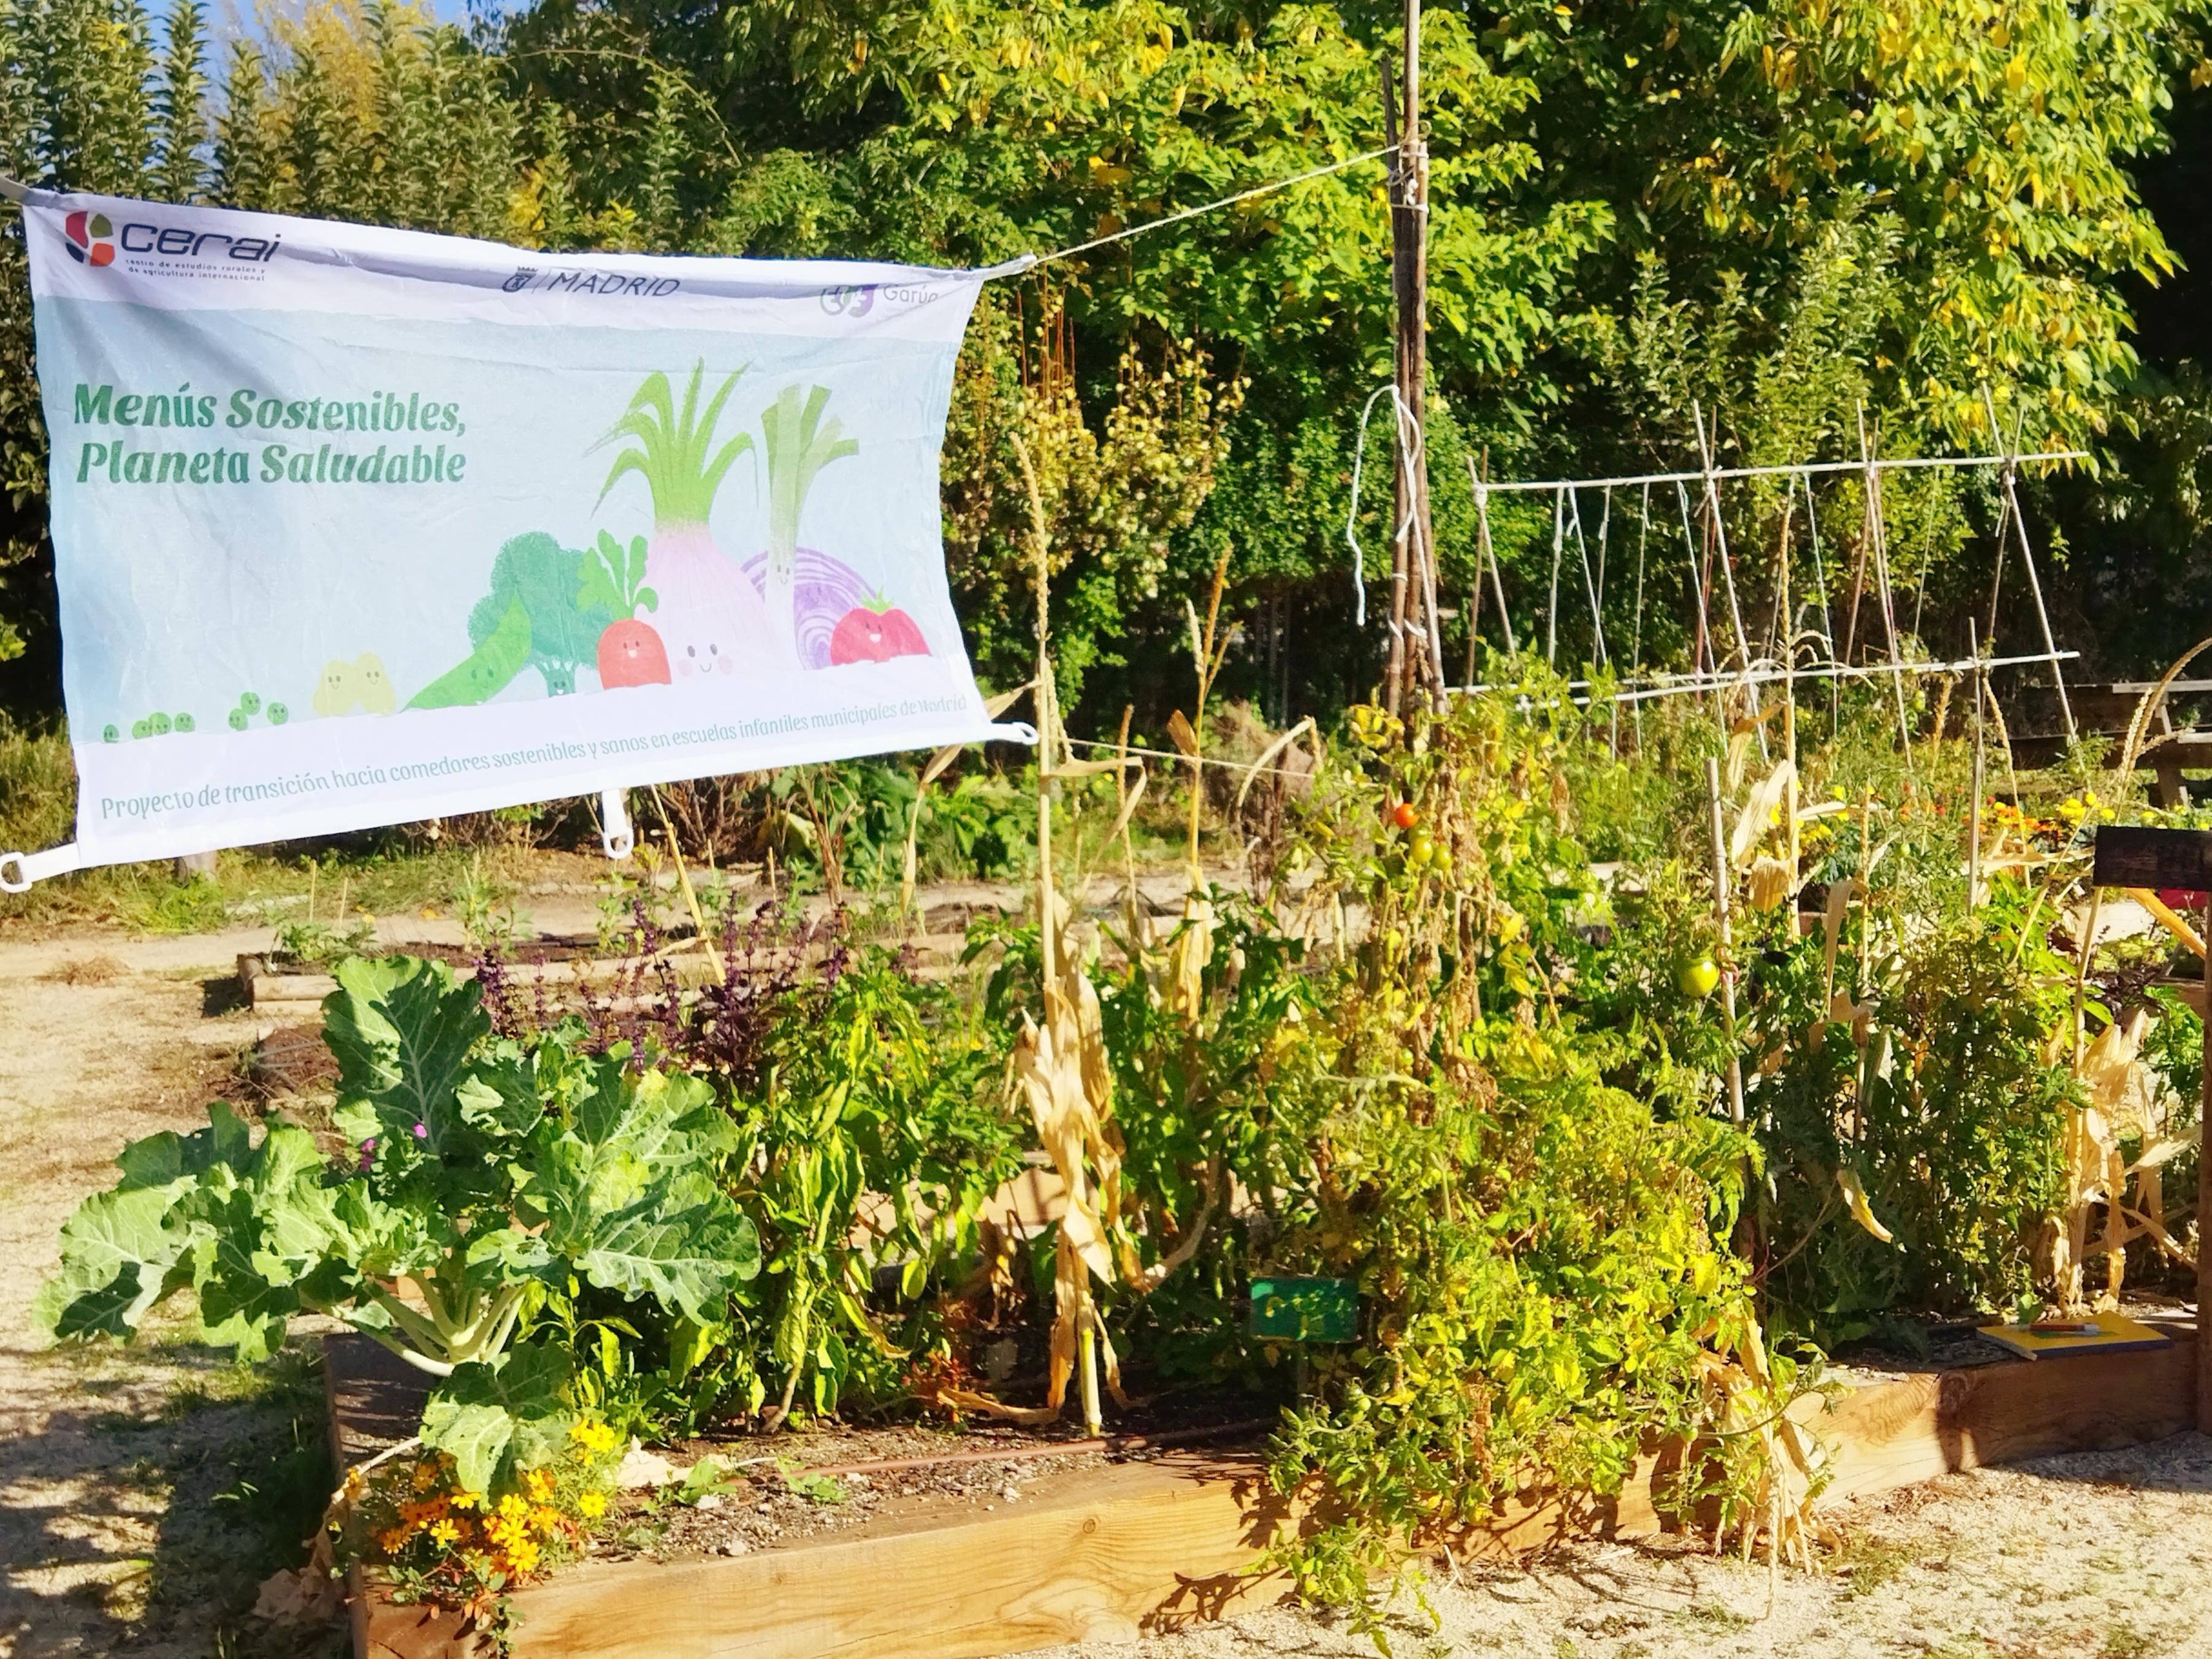 Motivadora presentación de la Fase 2 del proyecto Menús sostenibles, Planeta saludable